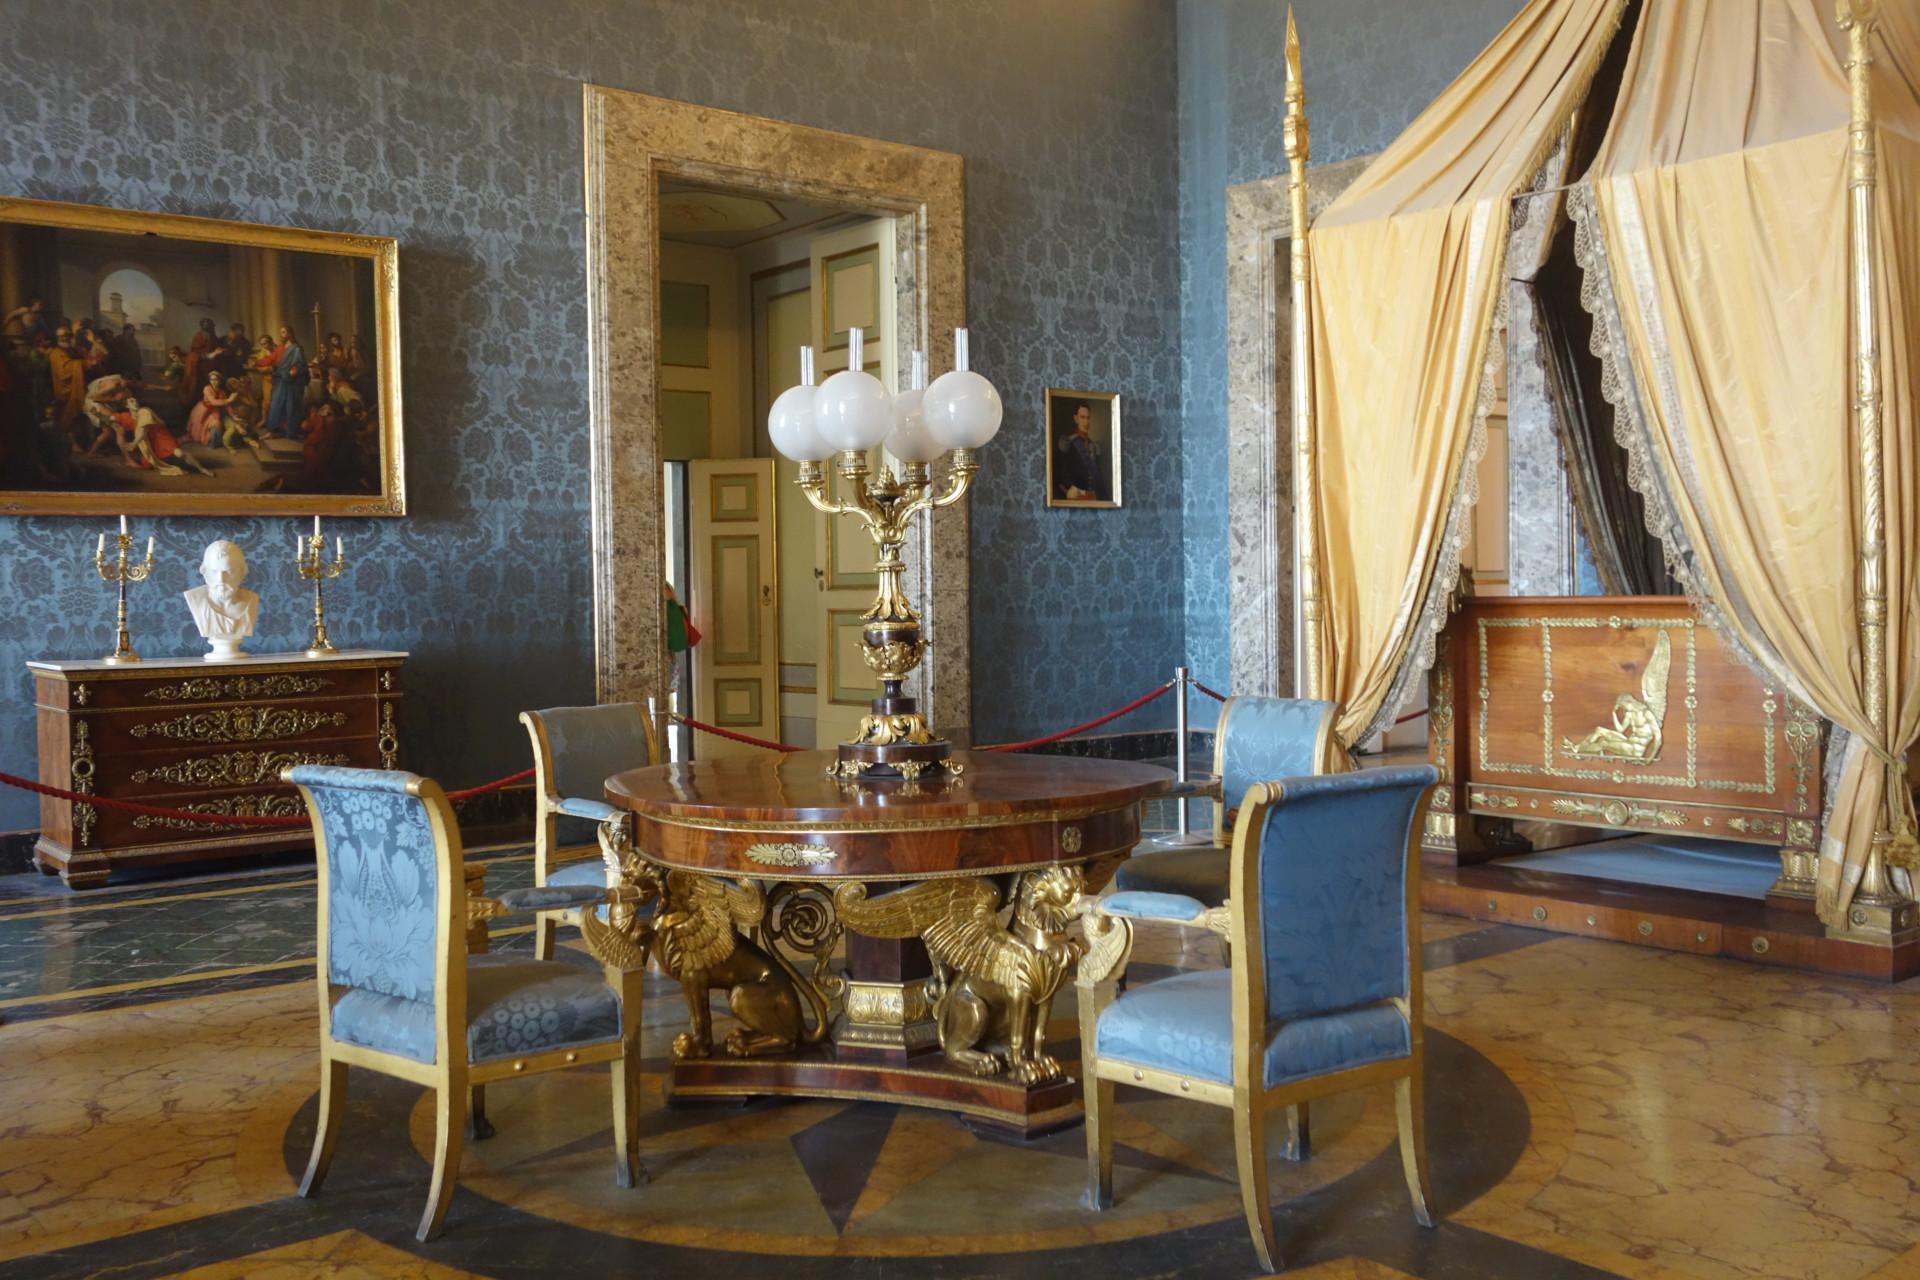 Schlafzimmer in der Reggia di Caserta, m Königspalast